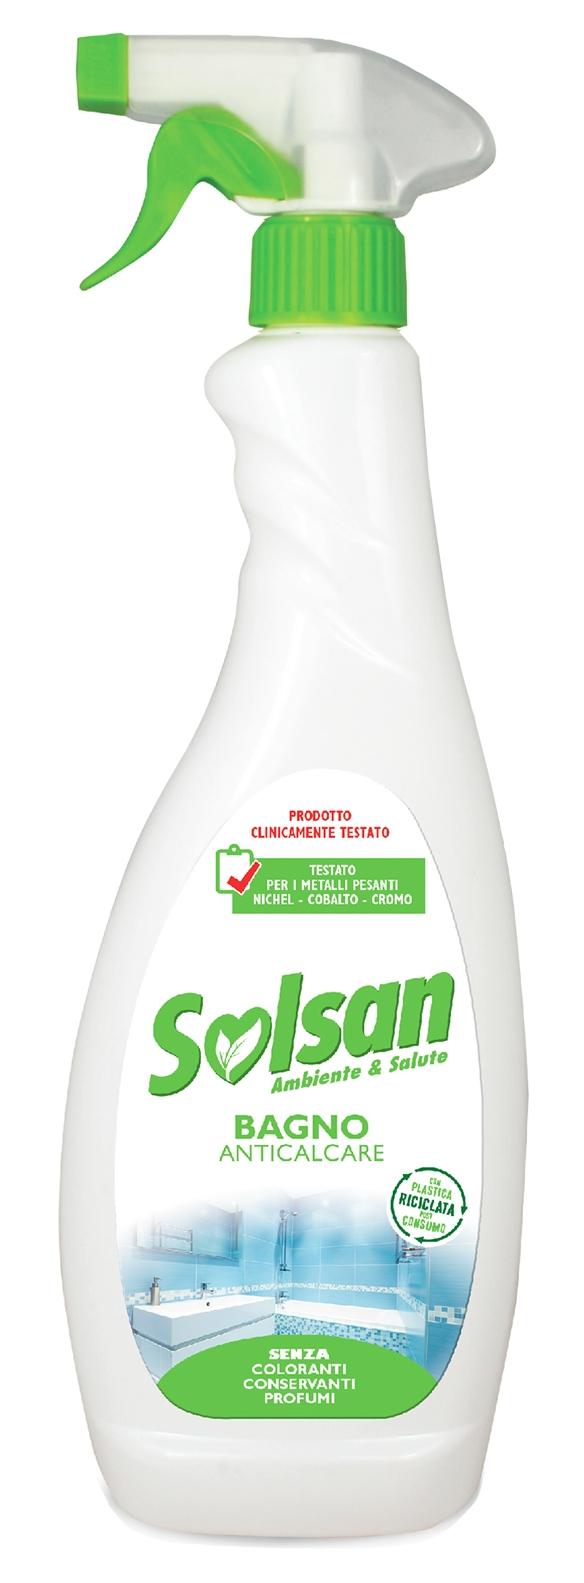 Detergente Bagno Anticalcare lt 0,75